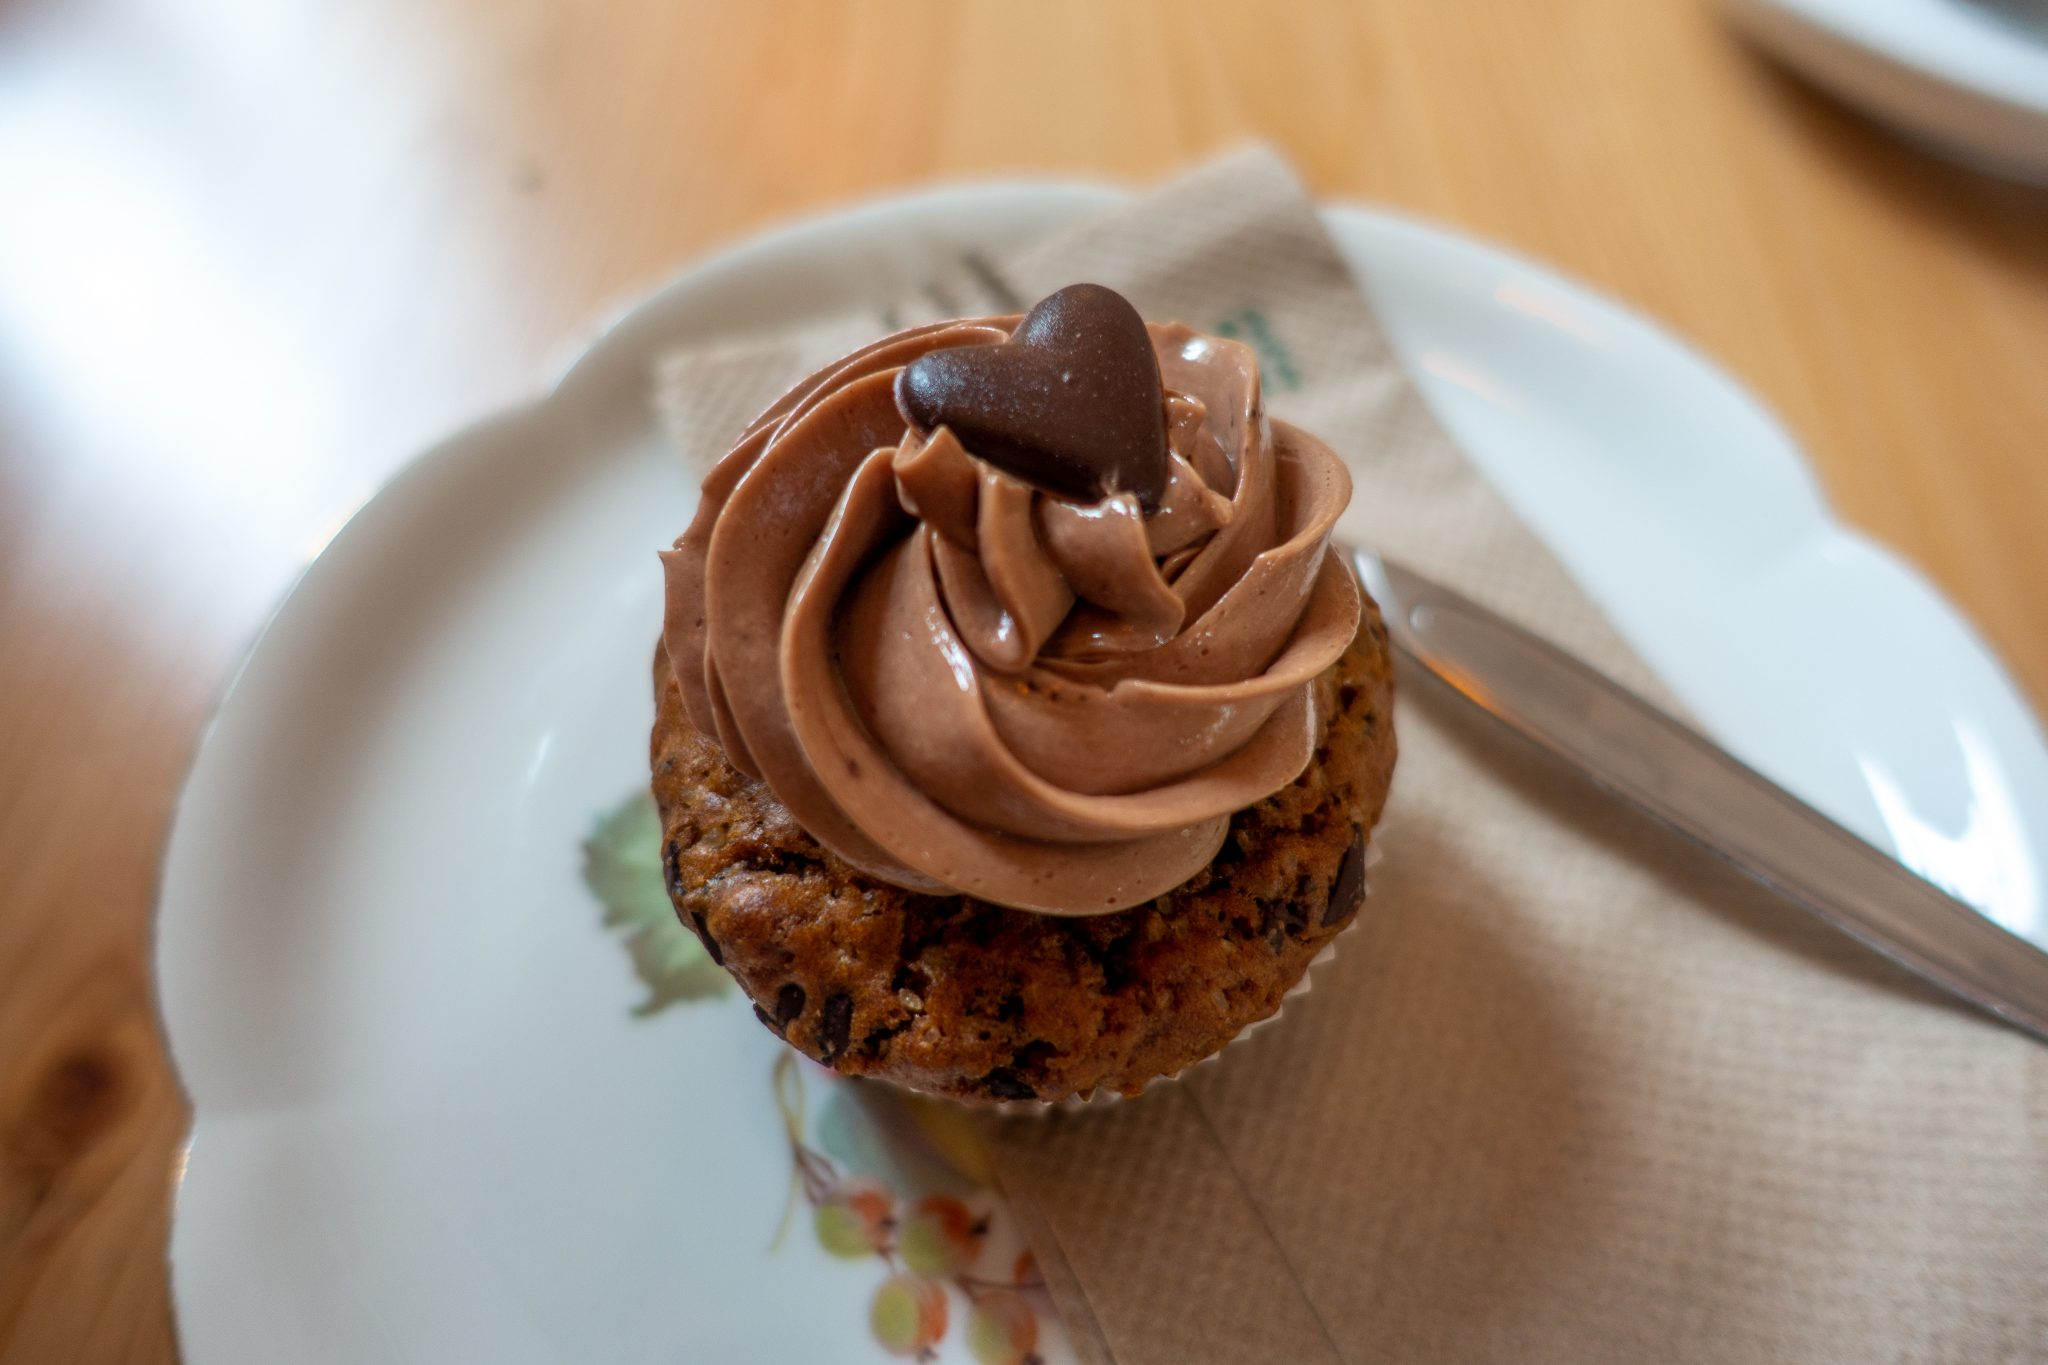 Landau-pfalz-café-ich-bin-so-frey-restaurant-cupcake